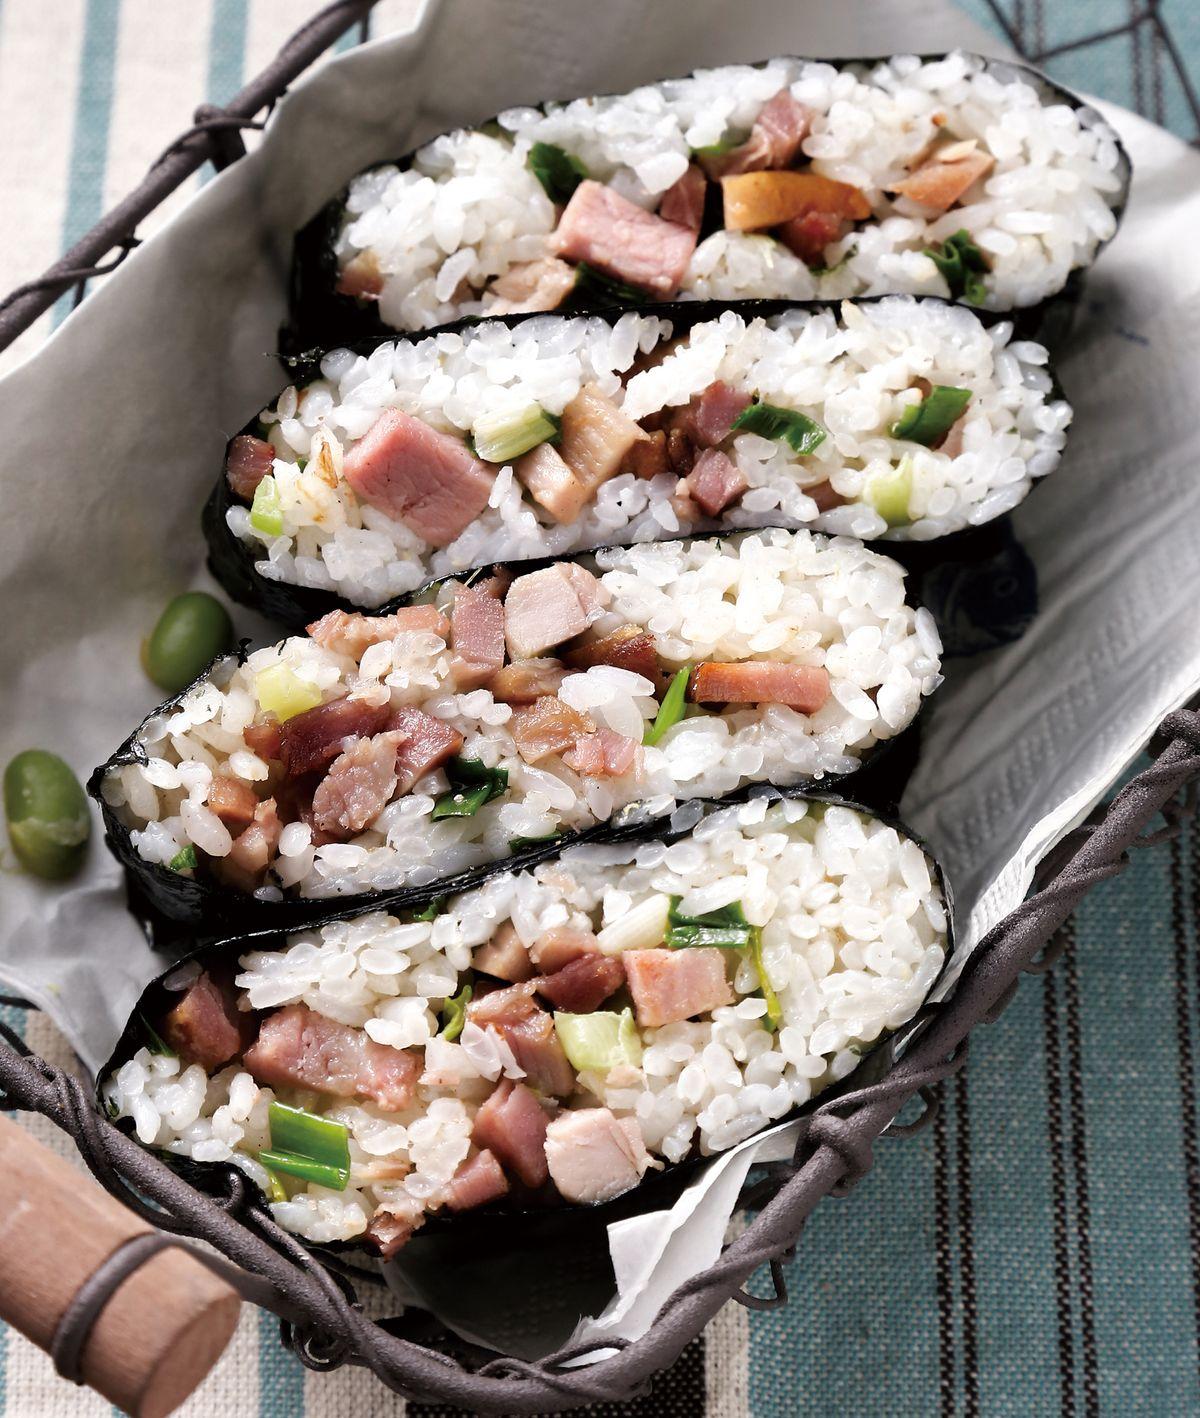 食譜:叉燒炒飯海苔飯糰